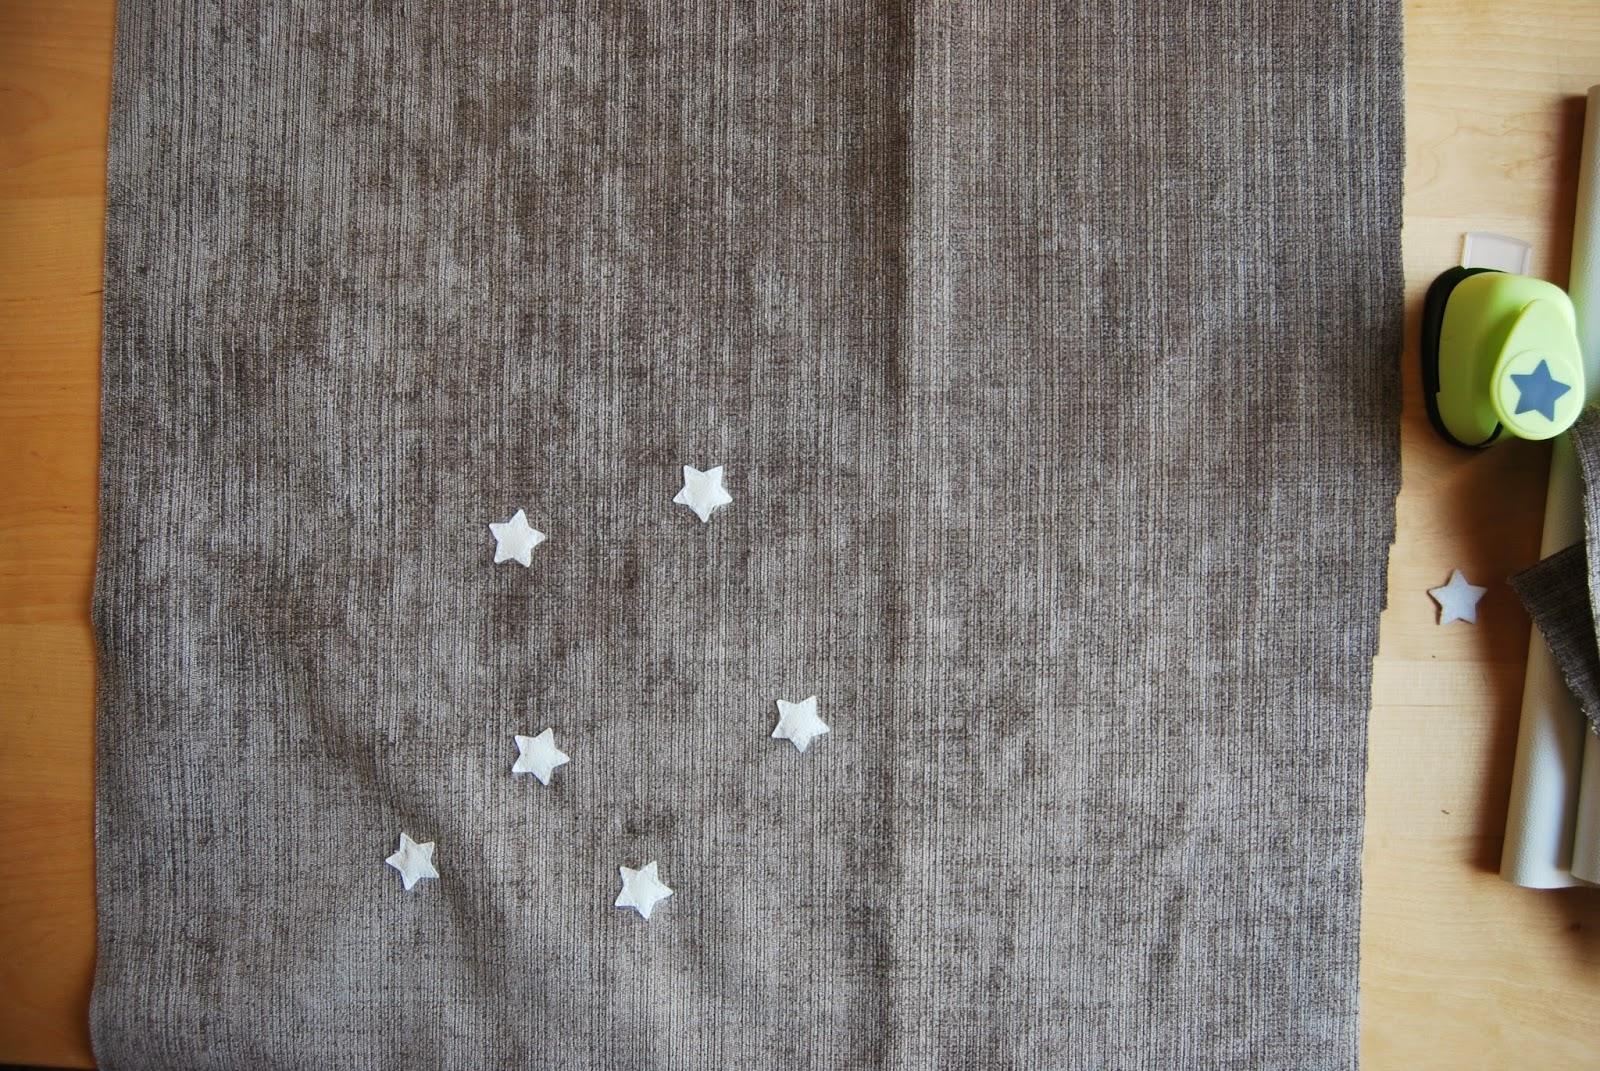 http://sosunnyblog.blogspot.com.es/2014/02/gris-y-estrellas-diy-como-darle-una.html